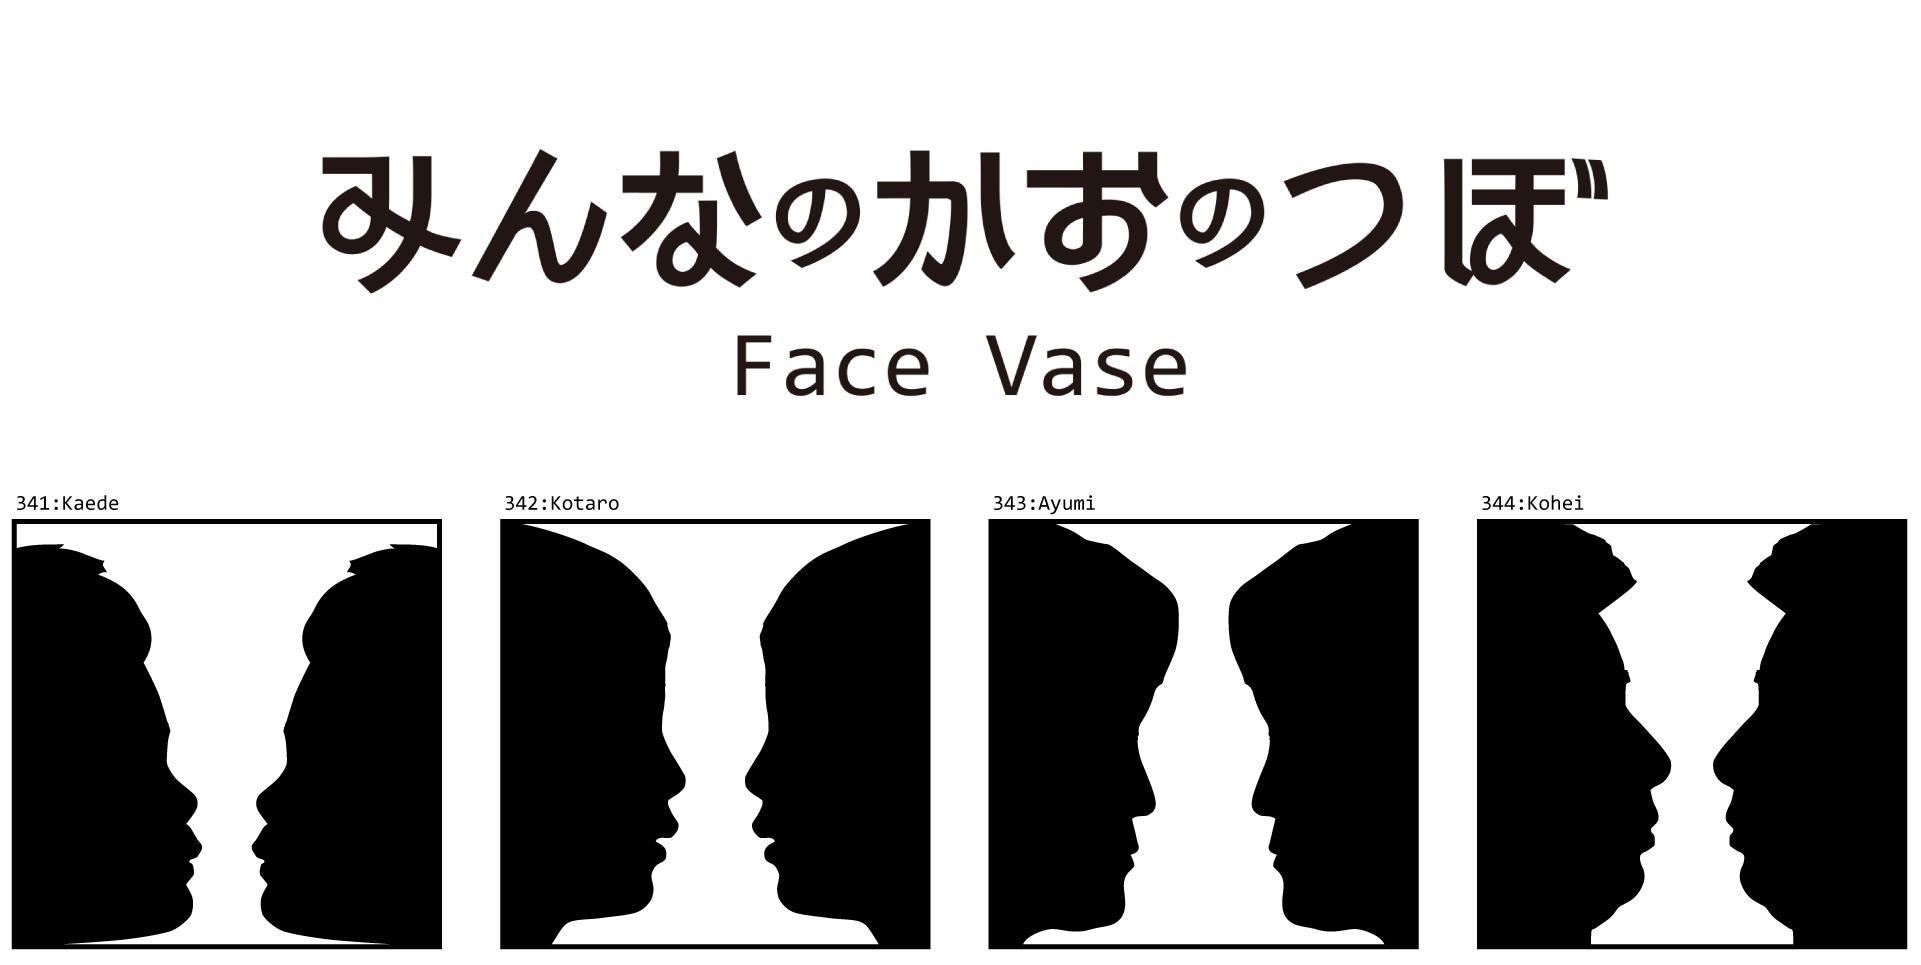 みんなのかおのつぼ / Face Vase:341 Kaede -> 344 Kohei_d0018646_22273204.jpg